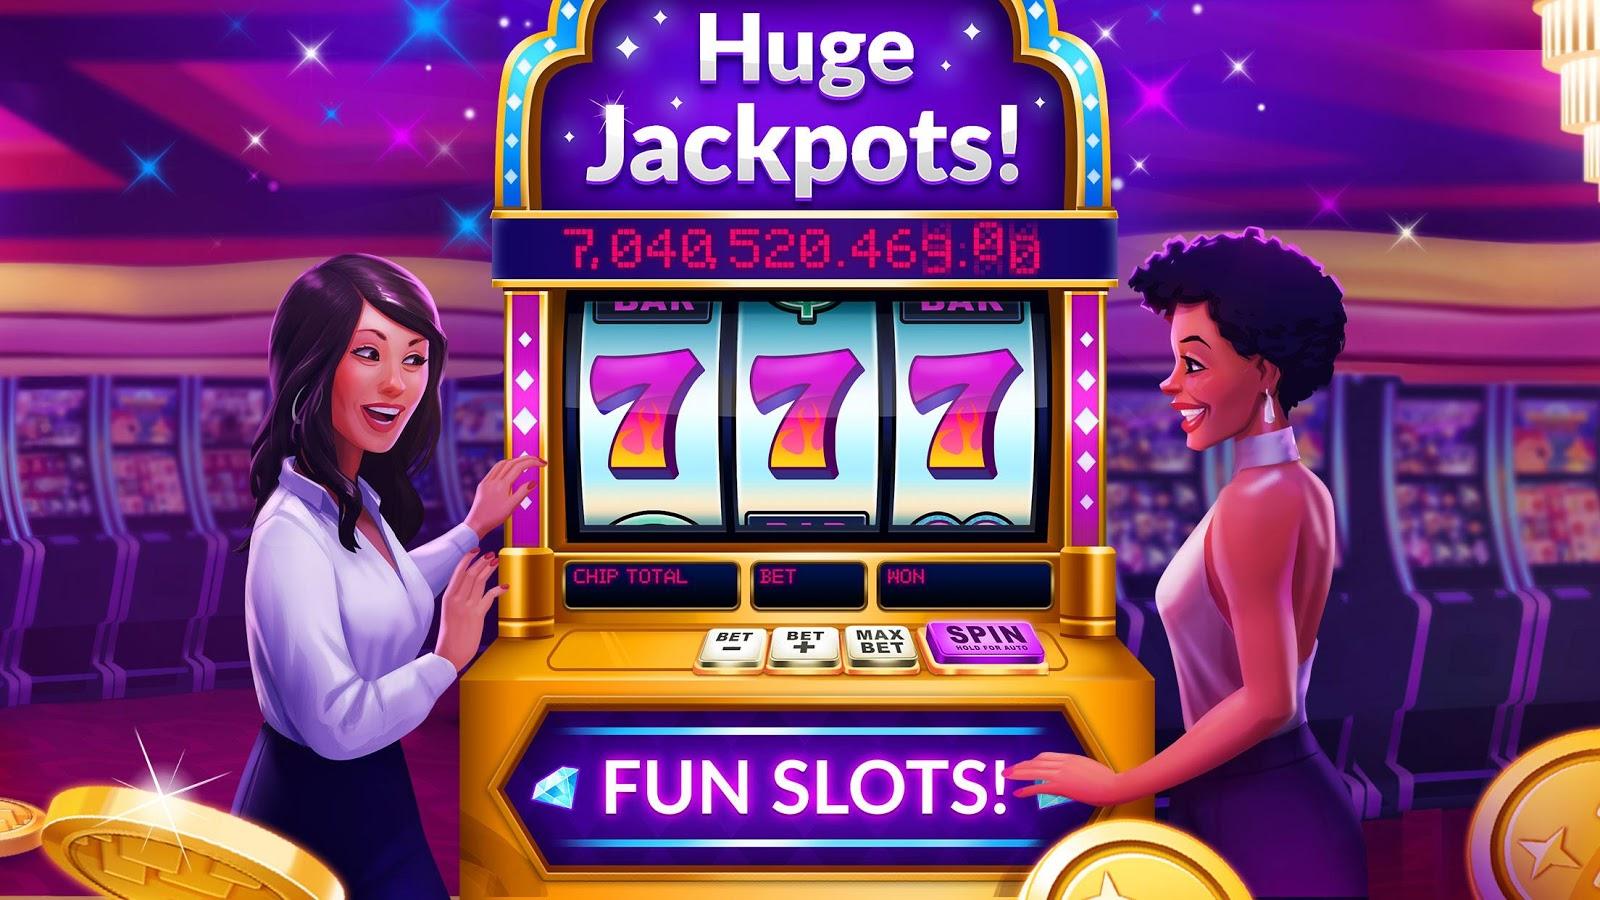 Bioshock 2 slot machine jackpot